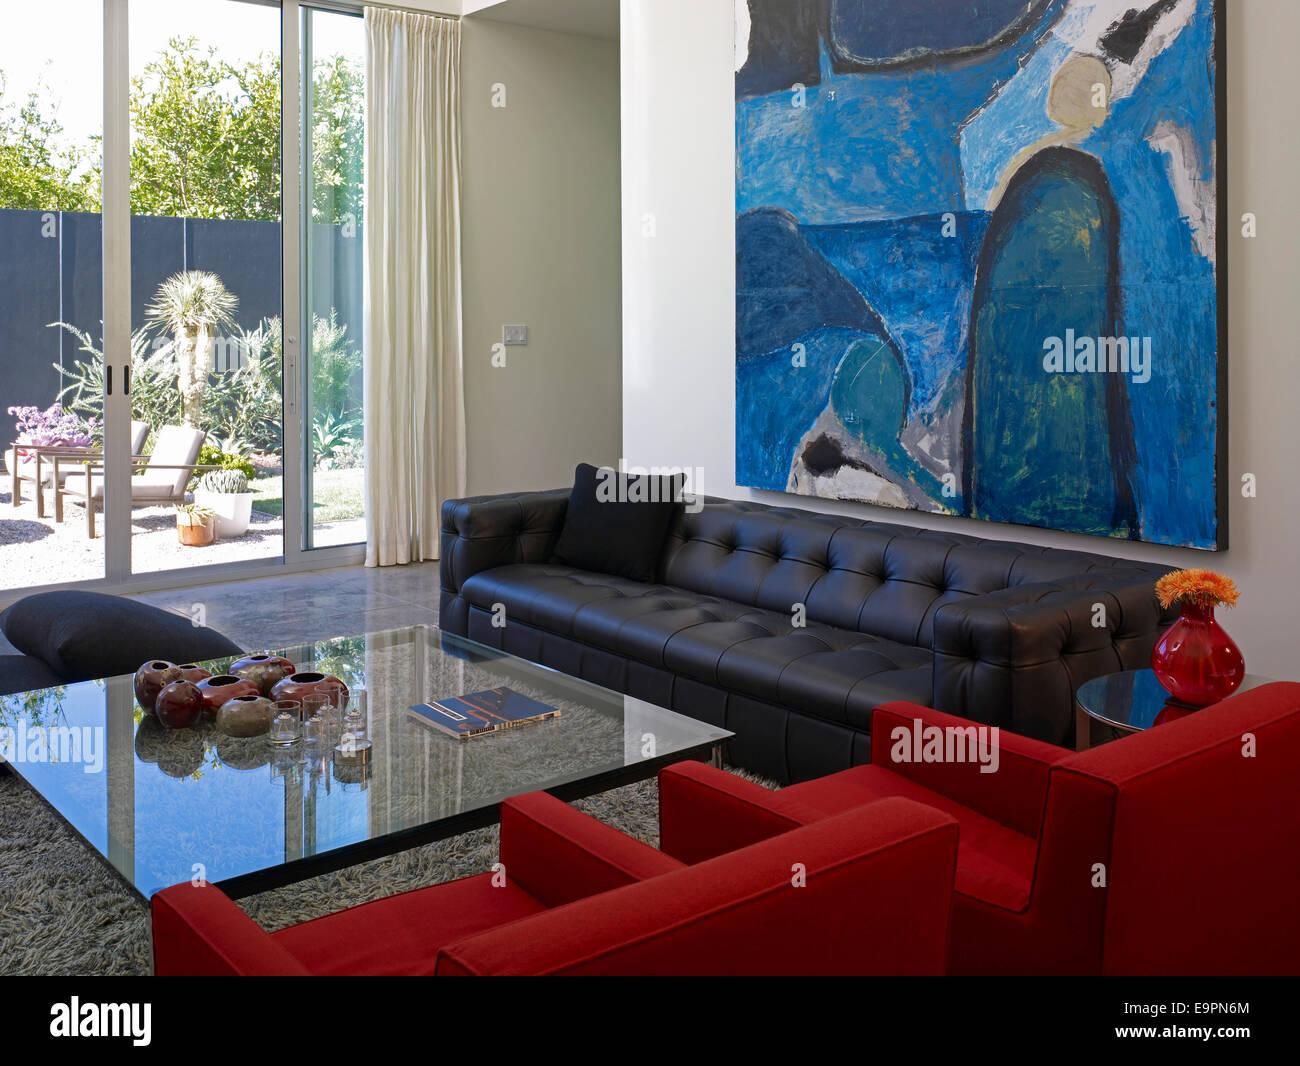 Kunst Bilder Wohnzimmer ~ Kunst im wohnzimmer lagatutta wohnort los angeles kalifornien usa